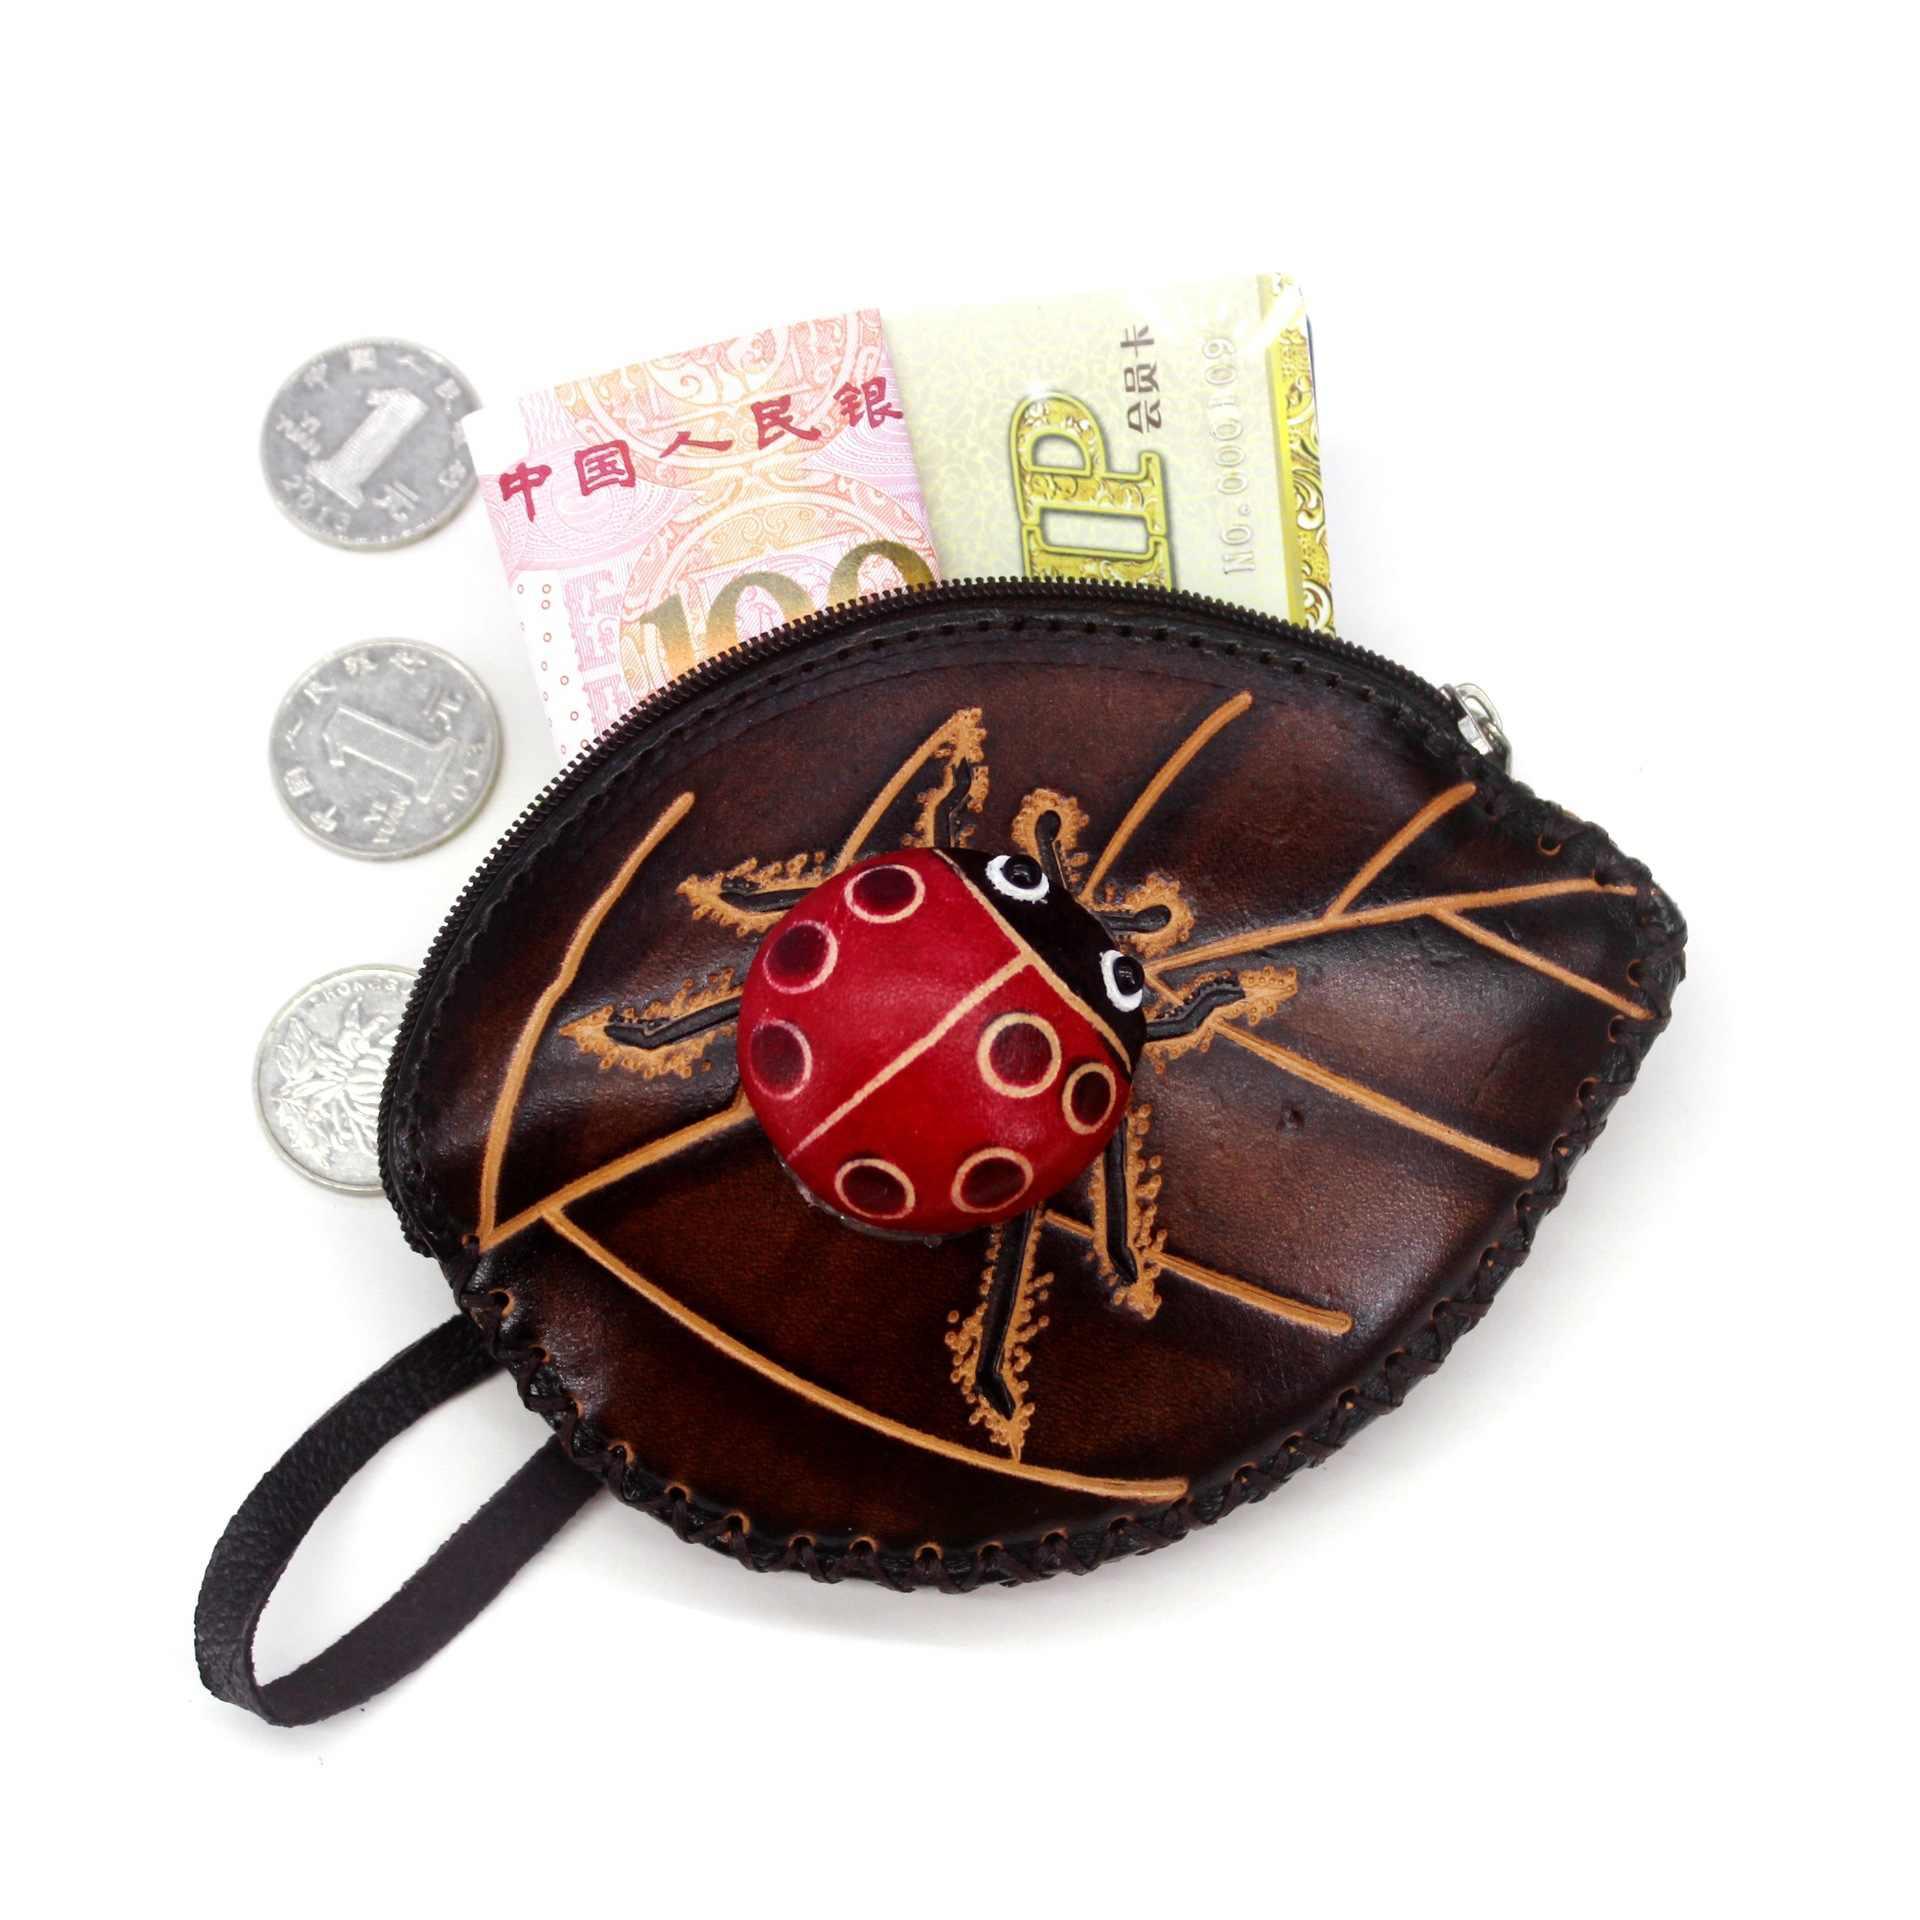 Bolsa de moedas de couro genuíno das mulheres carteiras e bolsas do sexo feminino moneys moedas sacos bolsa meninas titular do cartão senhoras mini folhas carteira